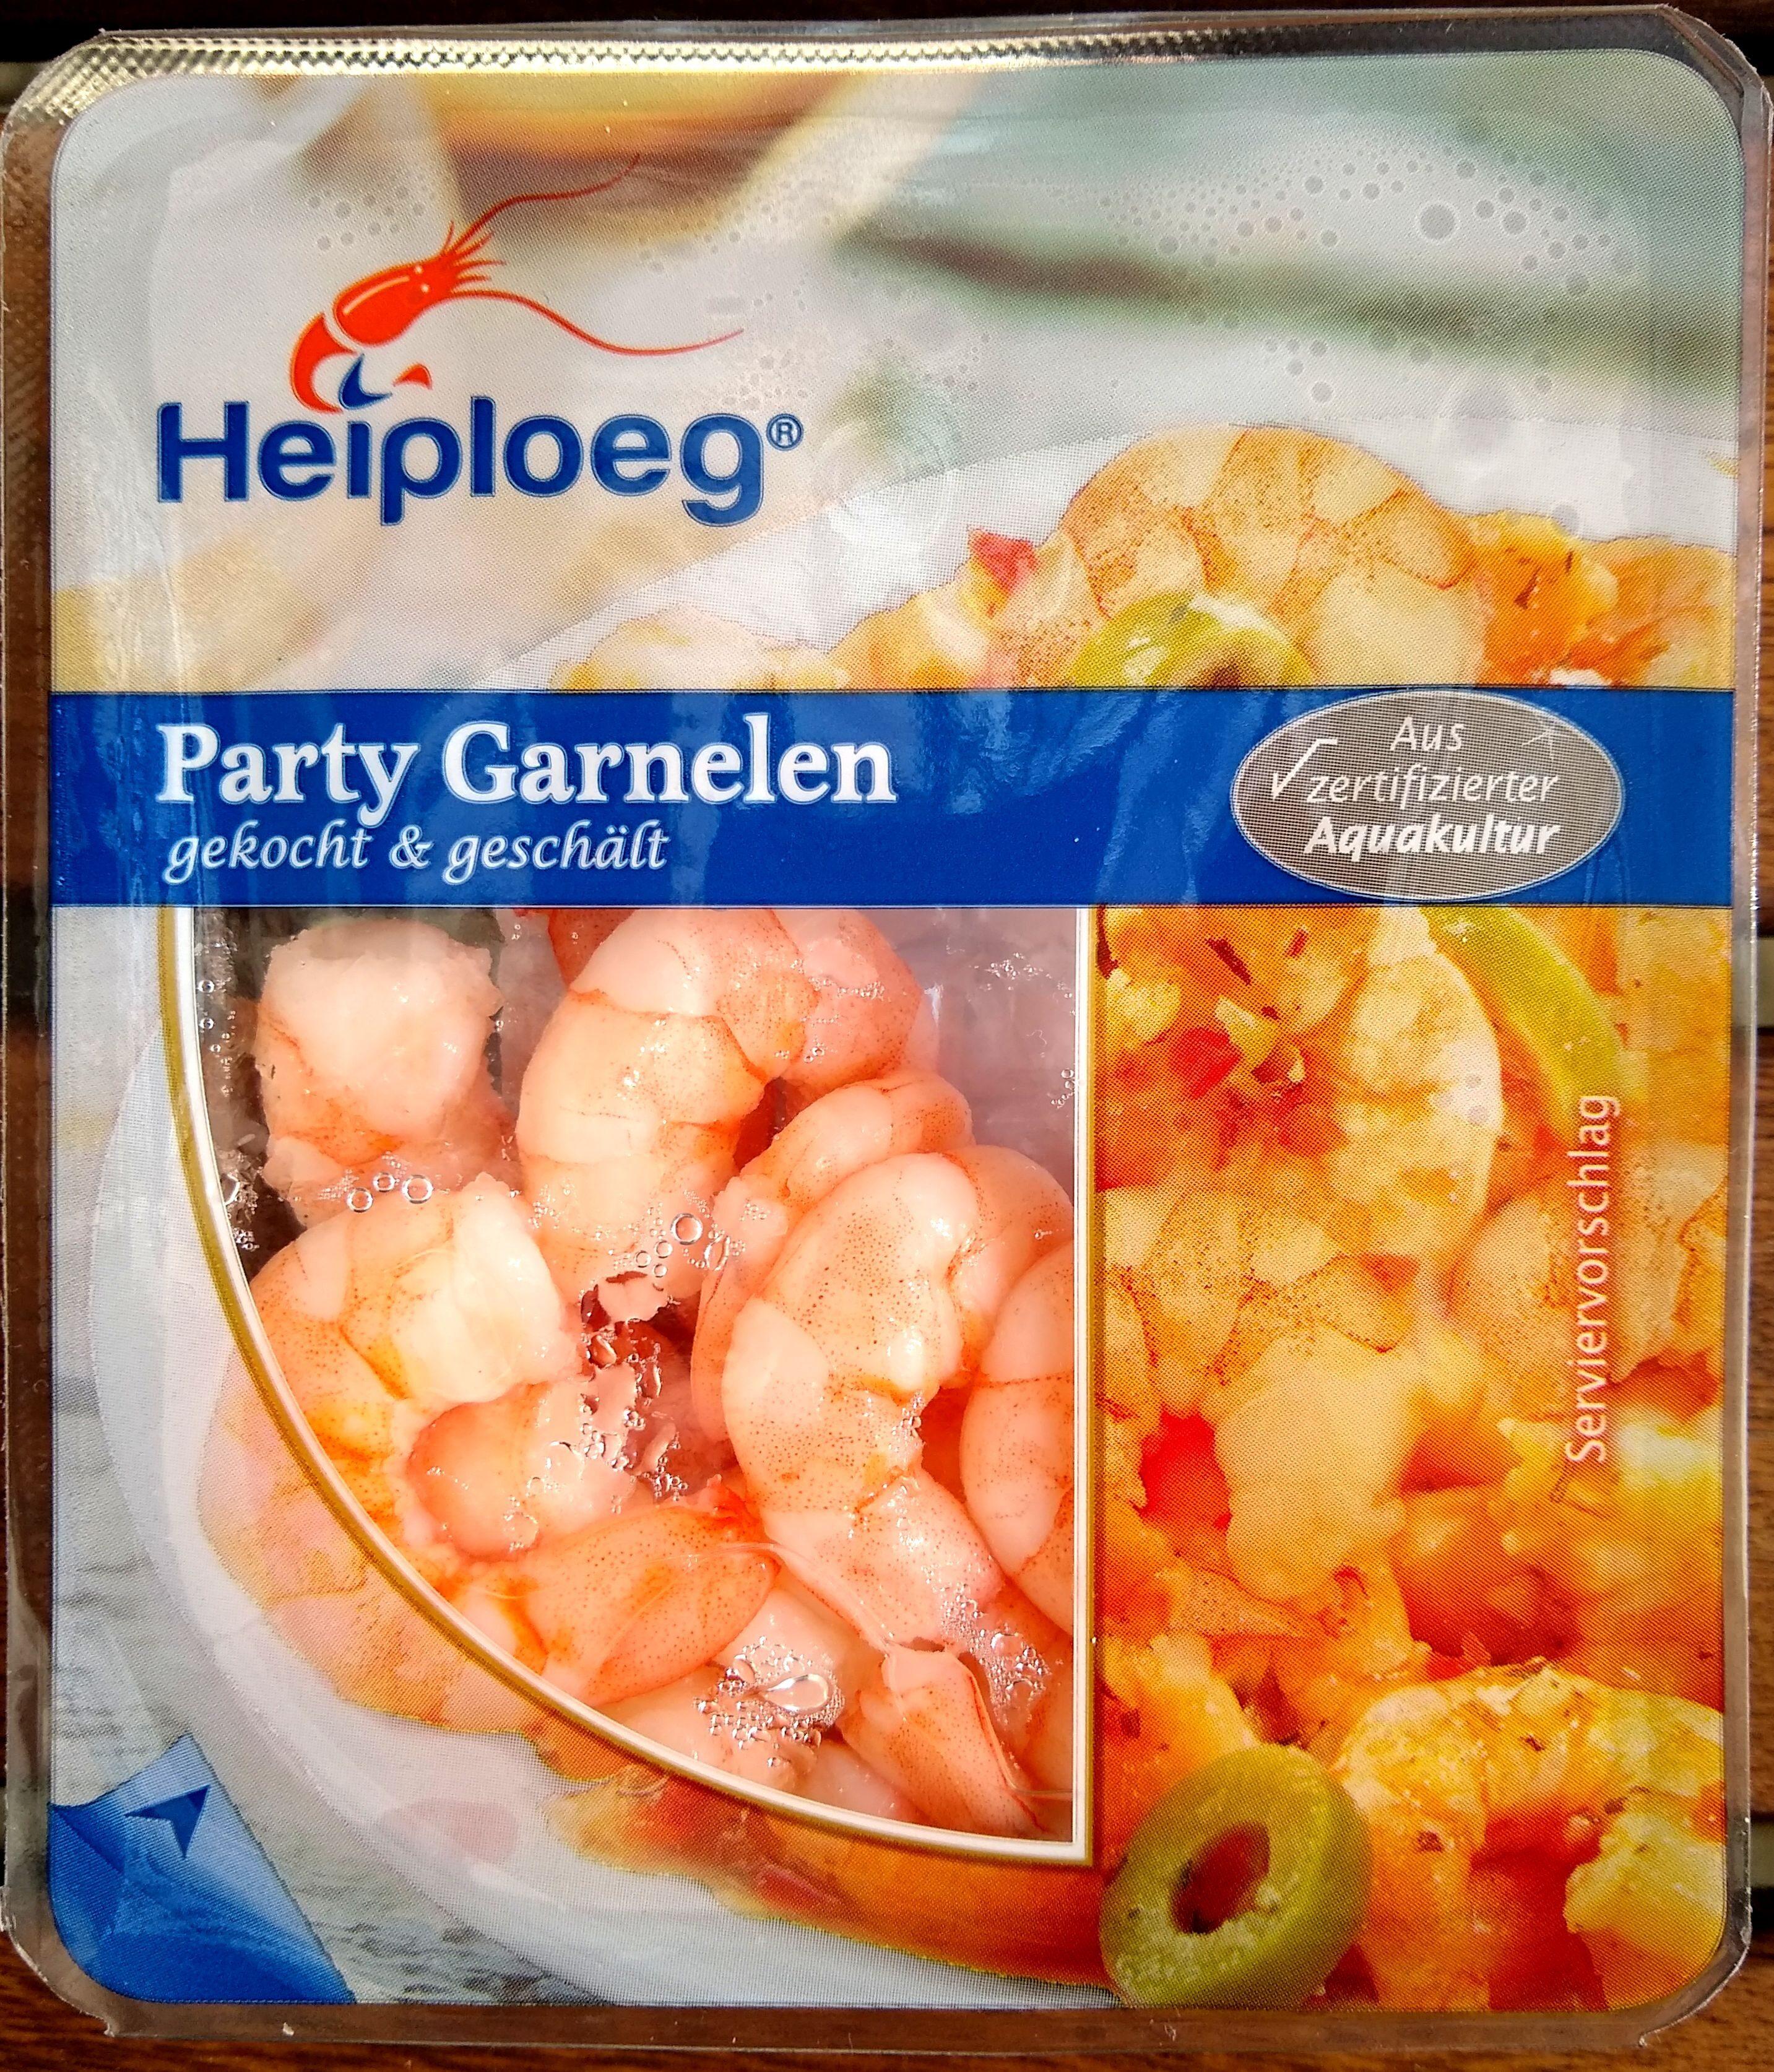 Party Garnelen - Product - de